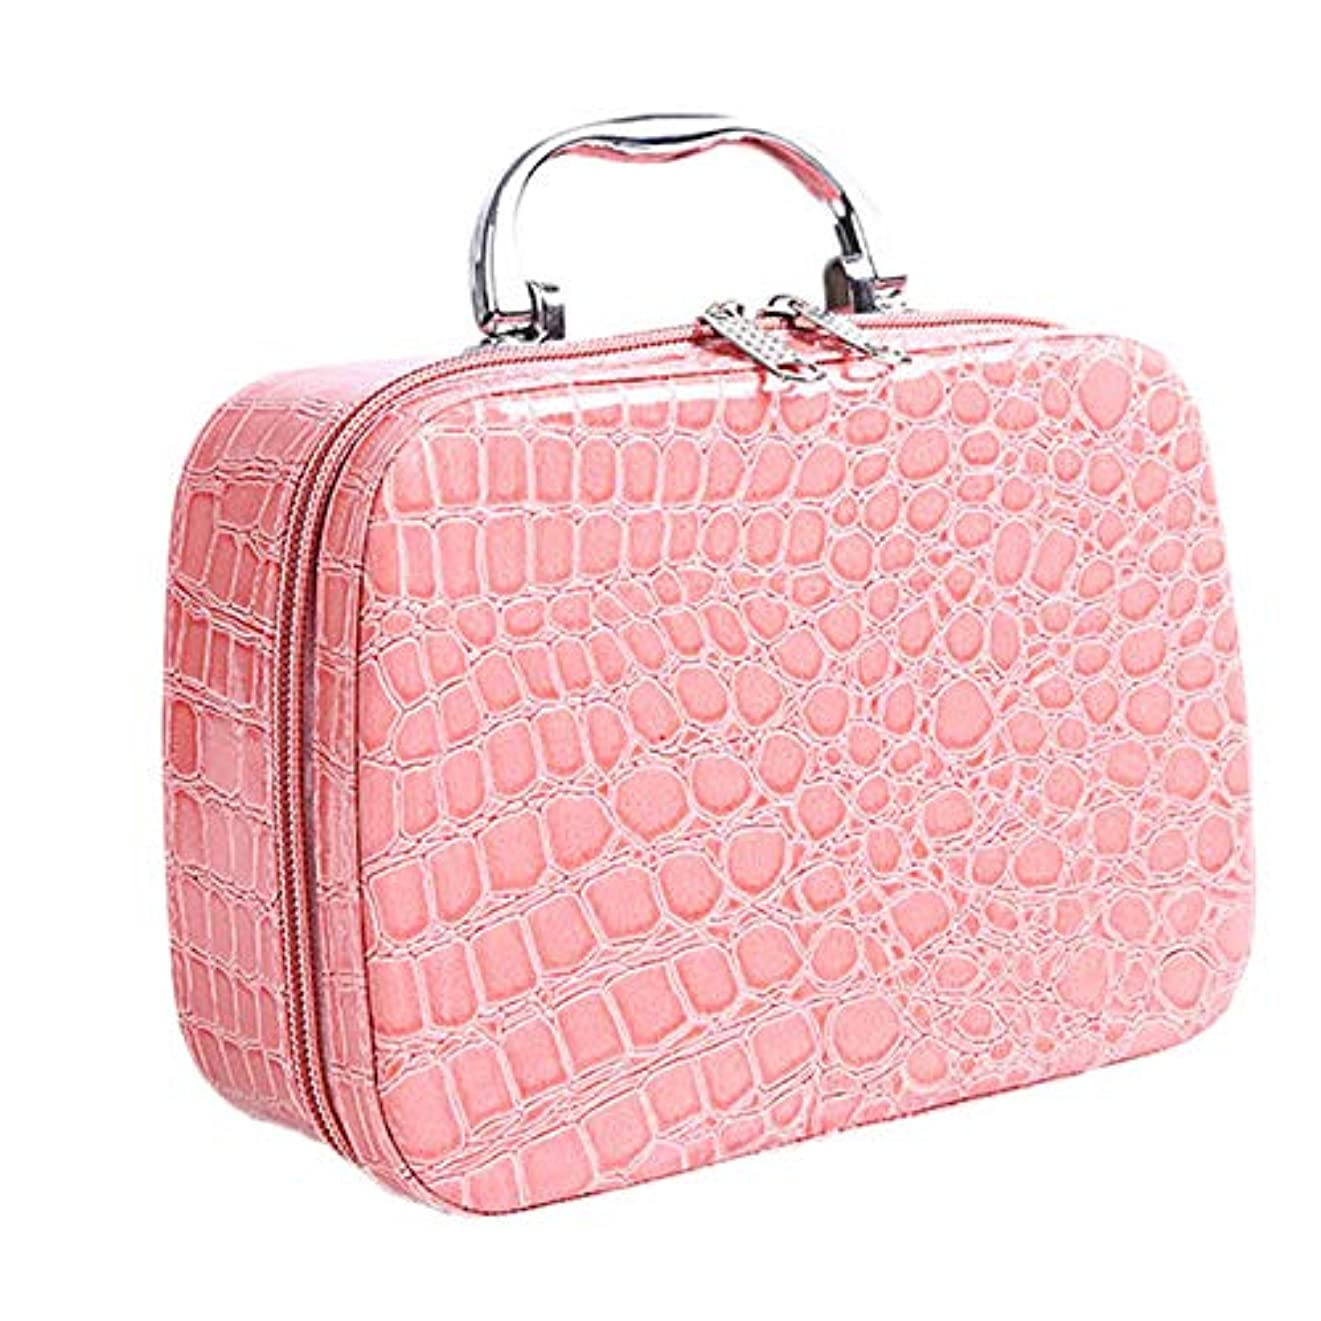 モトリー家庭教師蓋TOOGOO ファッション、女性のコスメバッグ、化粧品の袋、旅行用オーガナイザー、美容箱、薬、文具、化粧品、お祭りの贈り物、ピンク